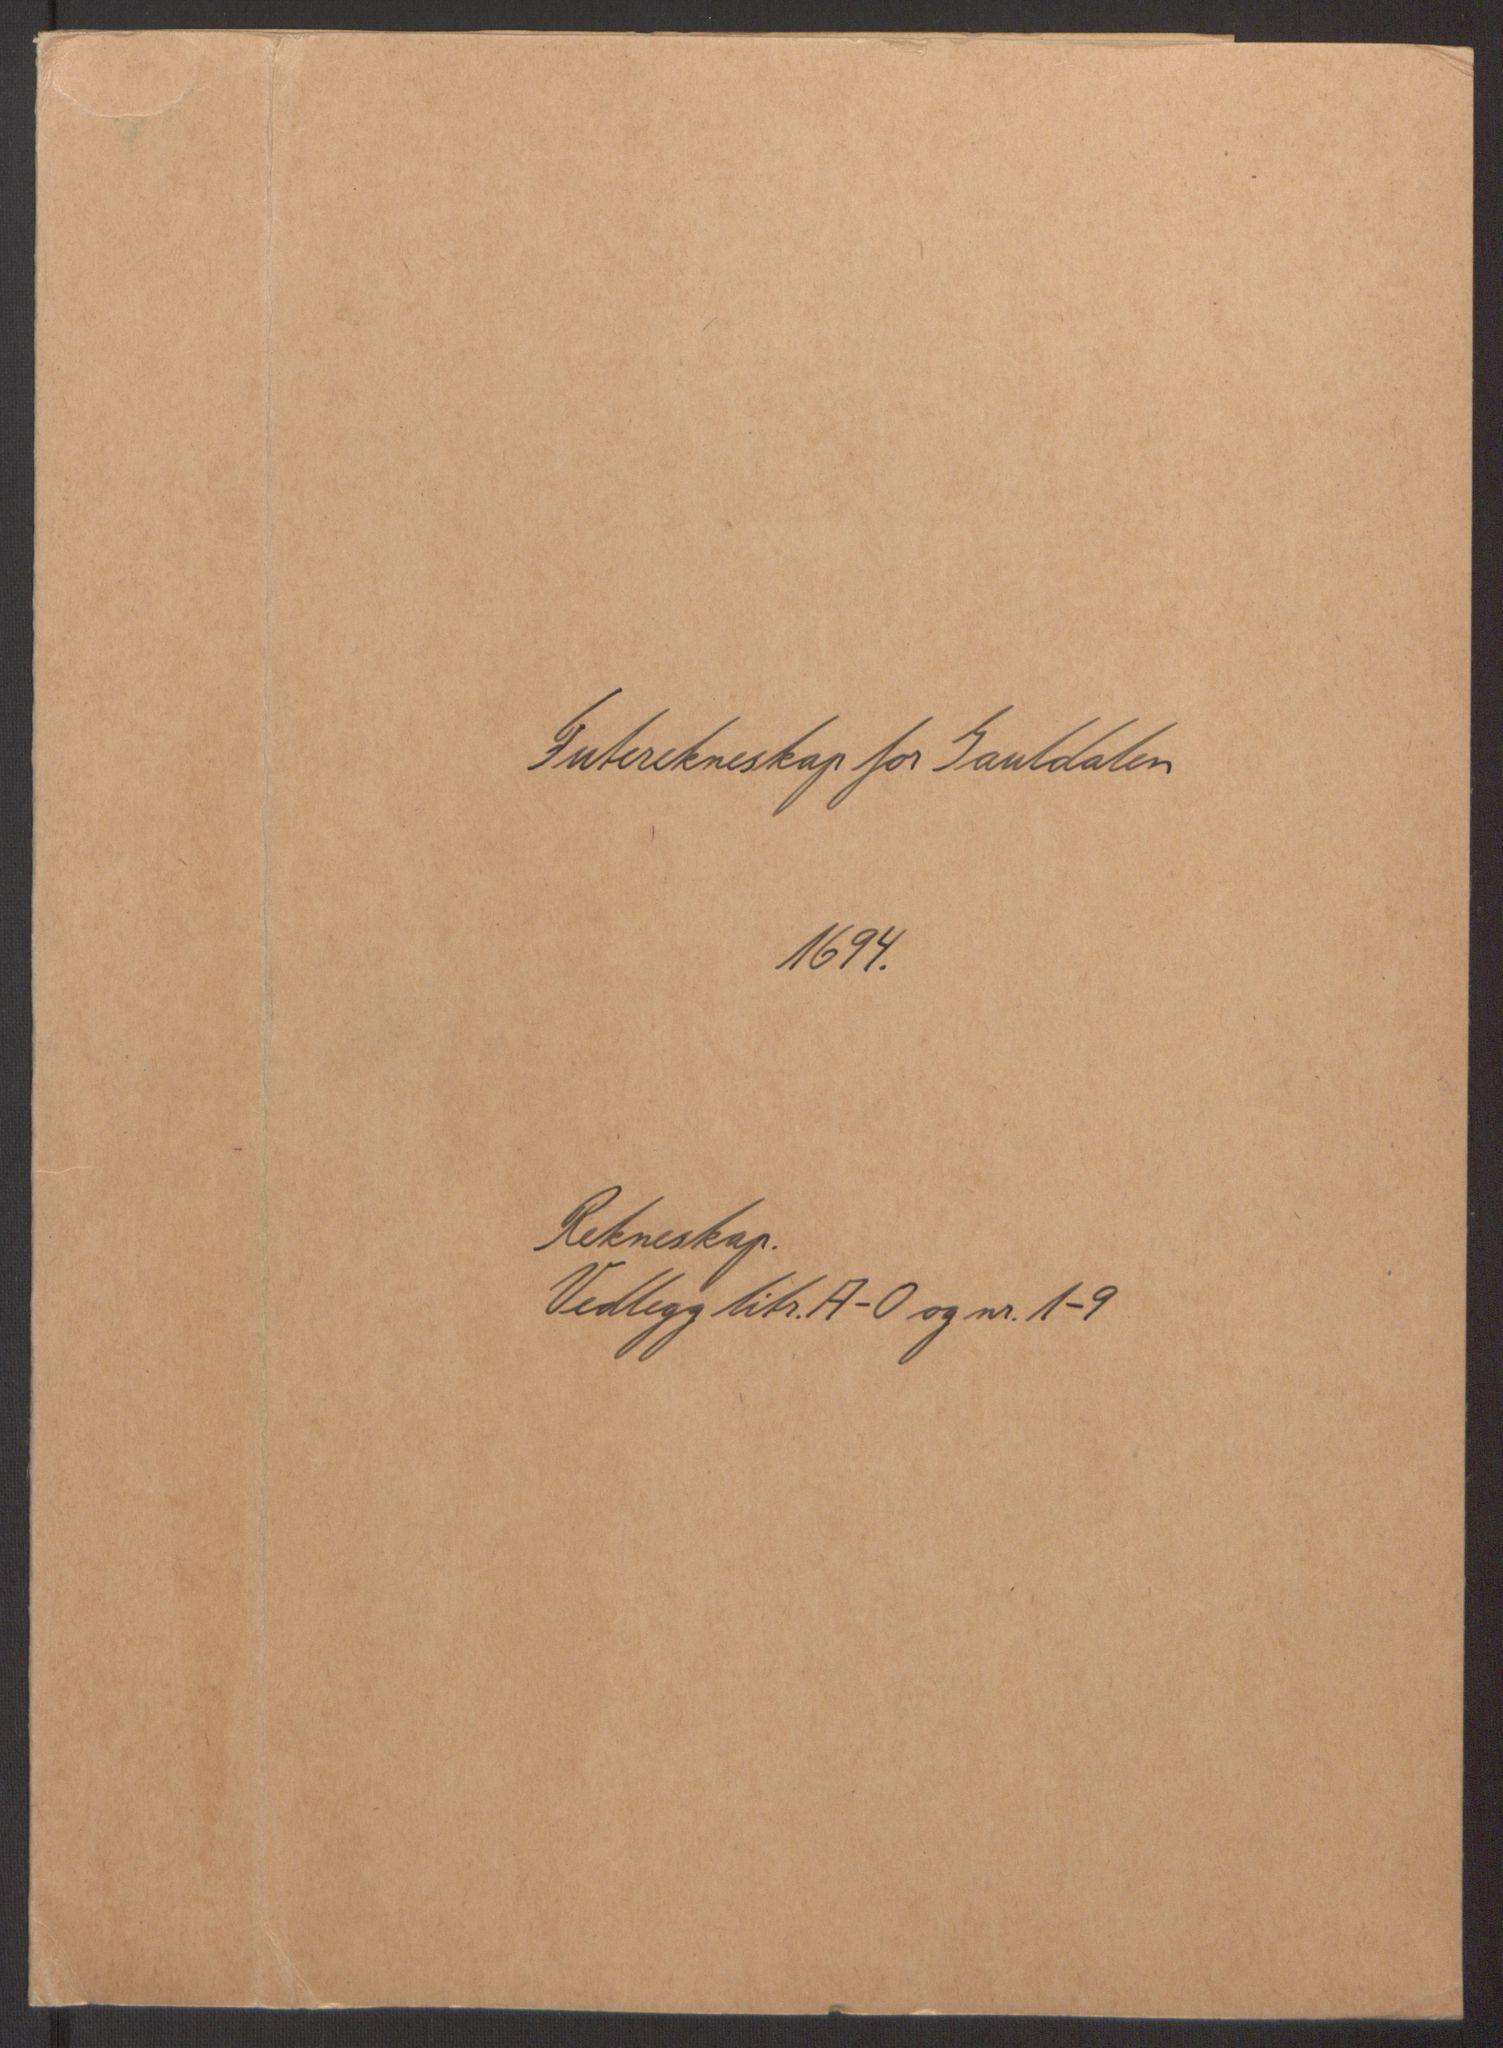 RA, Rentekammeret inntil 1814, Reviderte regnskaper, Fogderegnskap, R60/L3944: Fogderegnskap Orkdal og Gauldal, 1694, s. 205